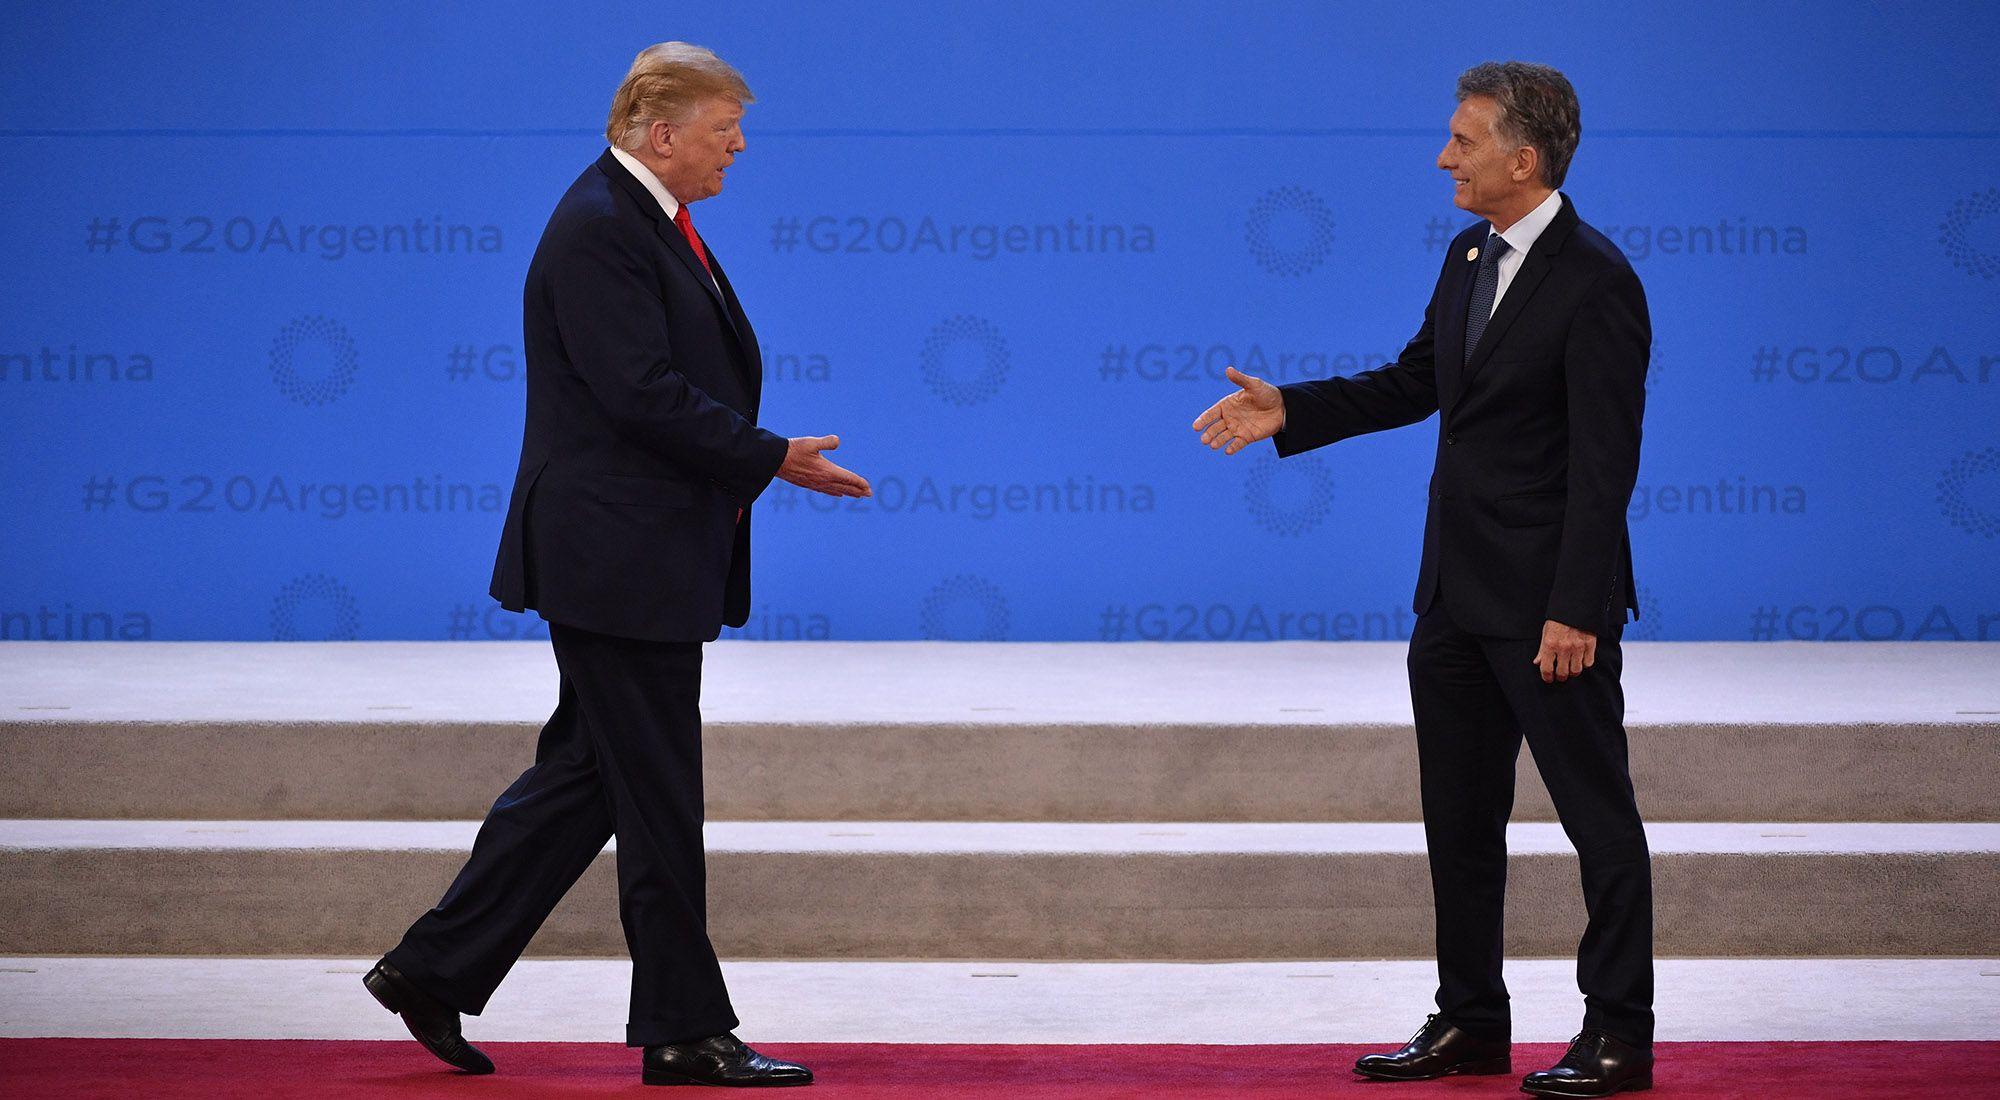 Macri recibe a Trump en Costa Salguero, durante el Plenario del G20 en Argentina.